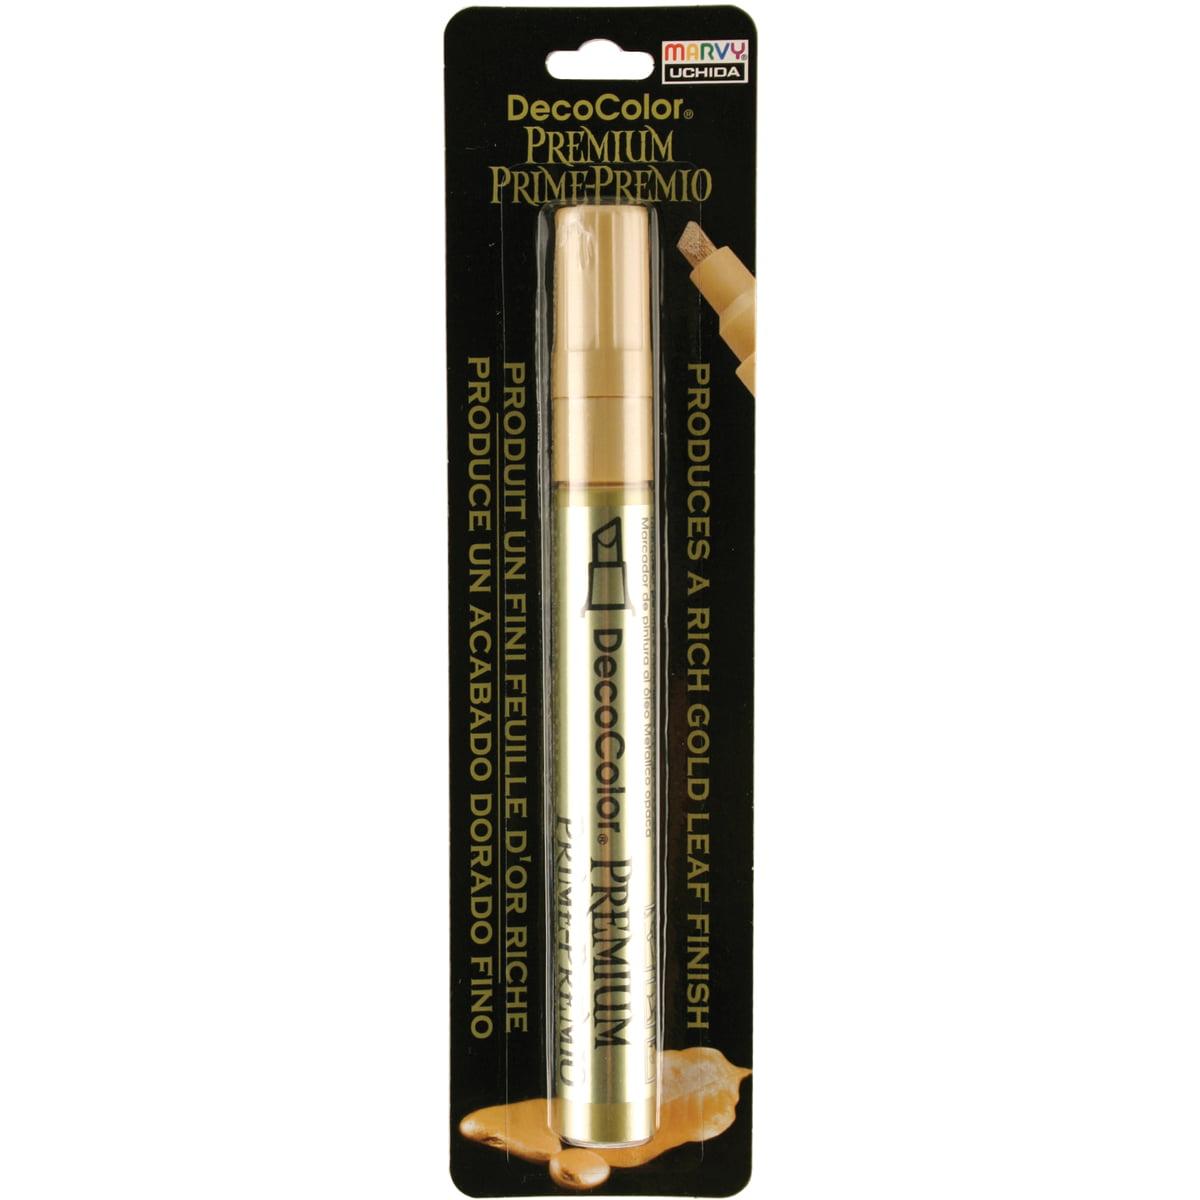 Marvy Uchida DecoColor Premium Gold Chisel Paint Marker, 1 Each